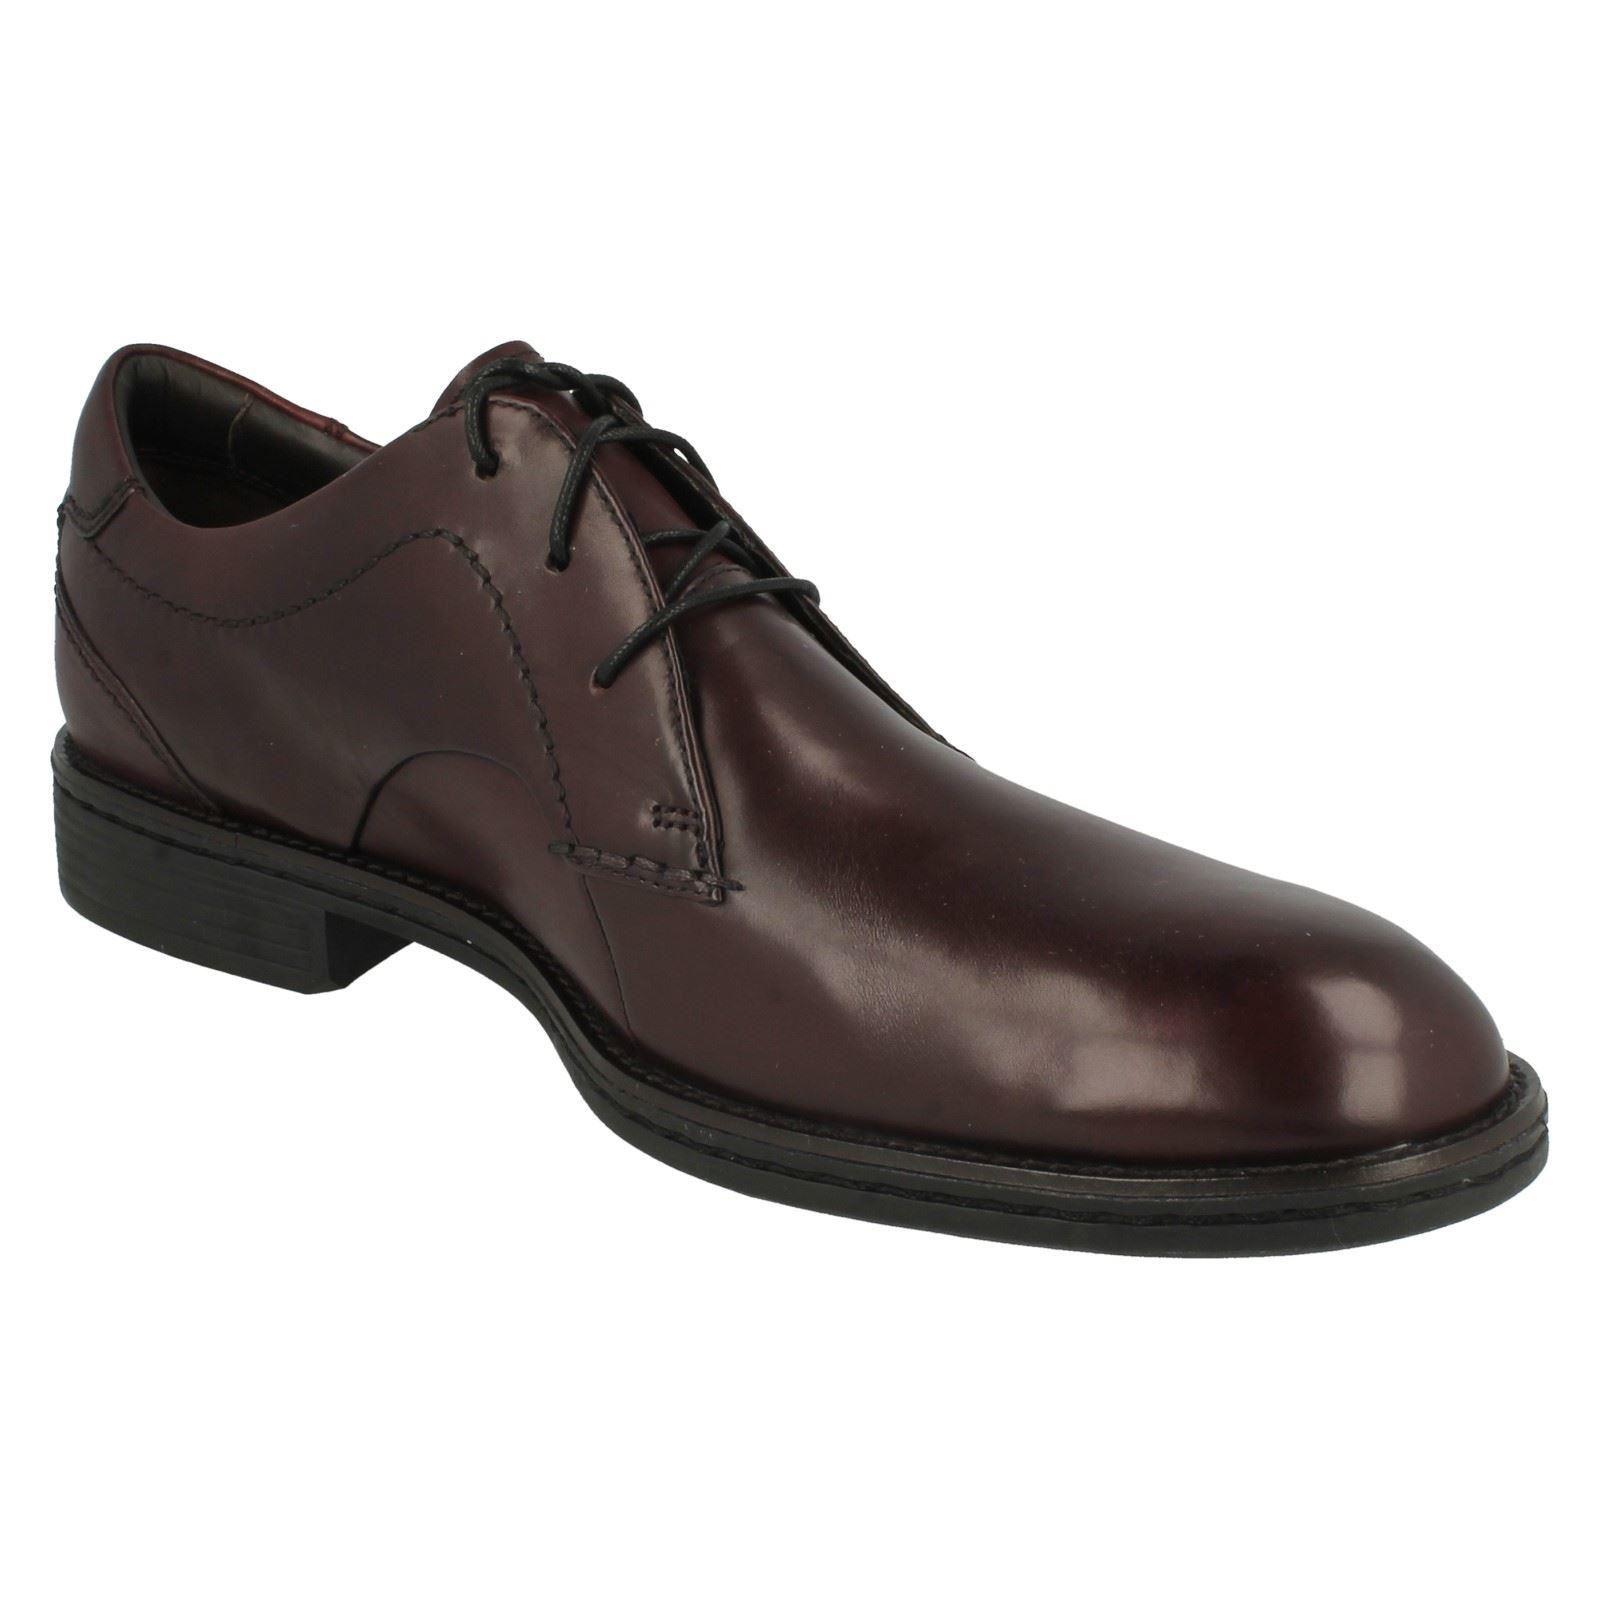 Clarks Shoe Laces Mens